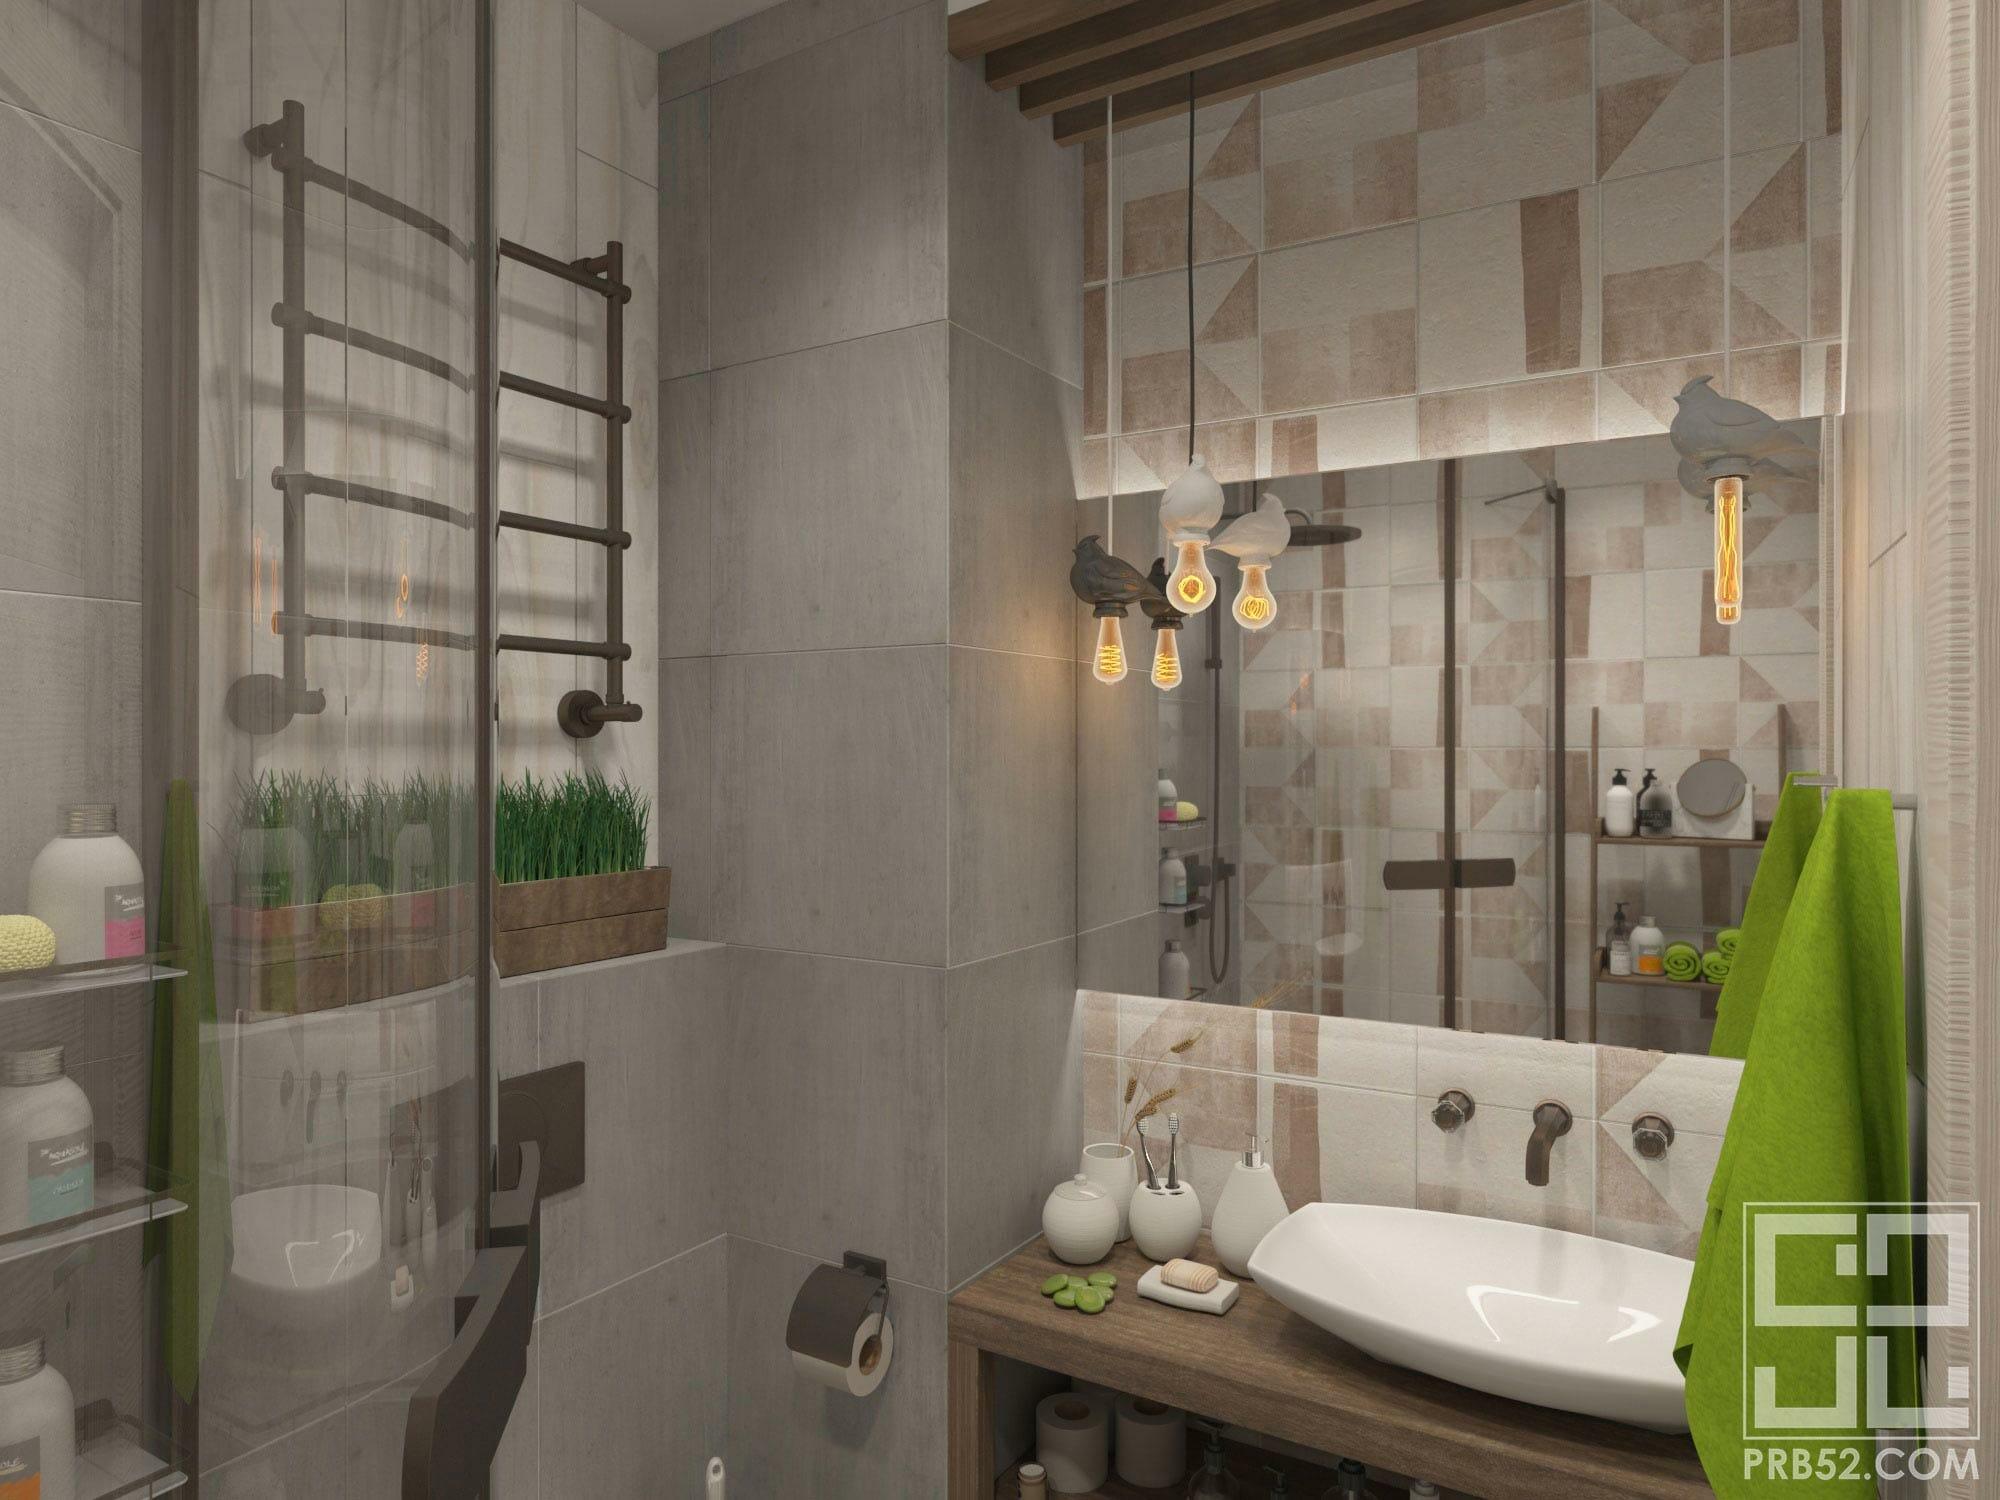 дизайн интерьера ванной комнаты в стиле лофт